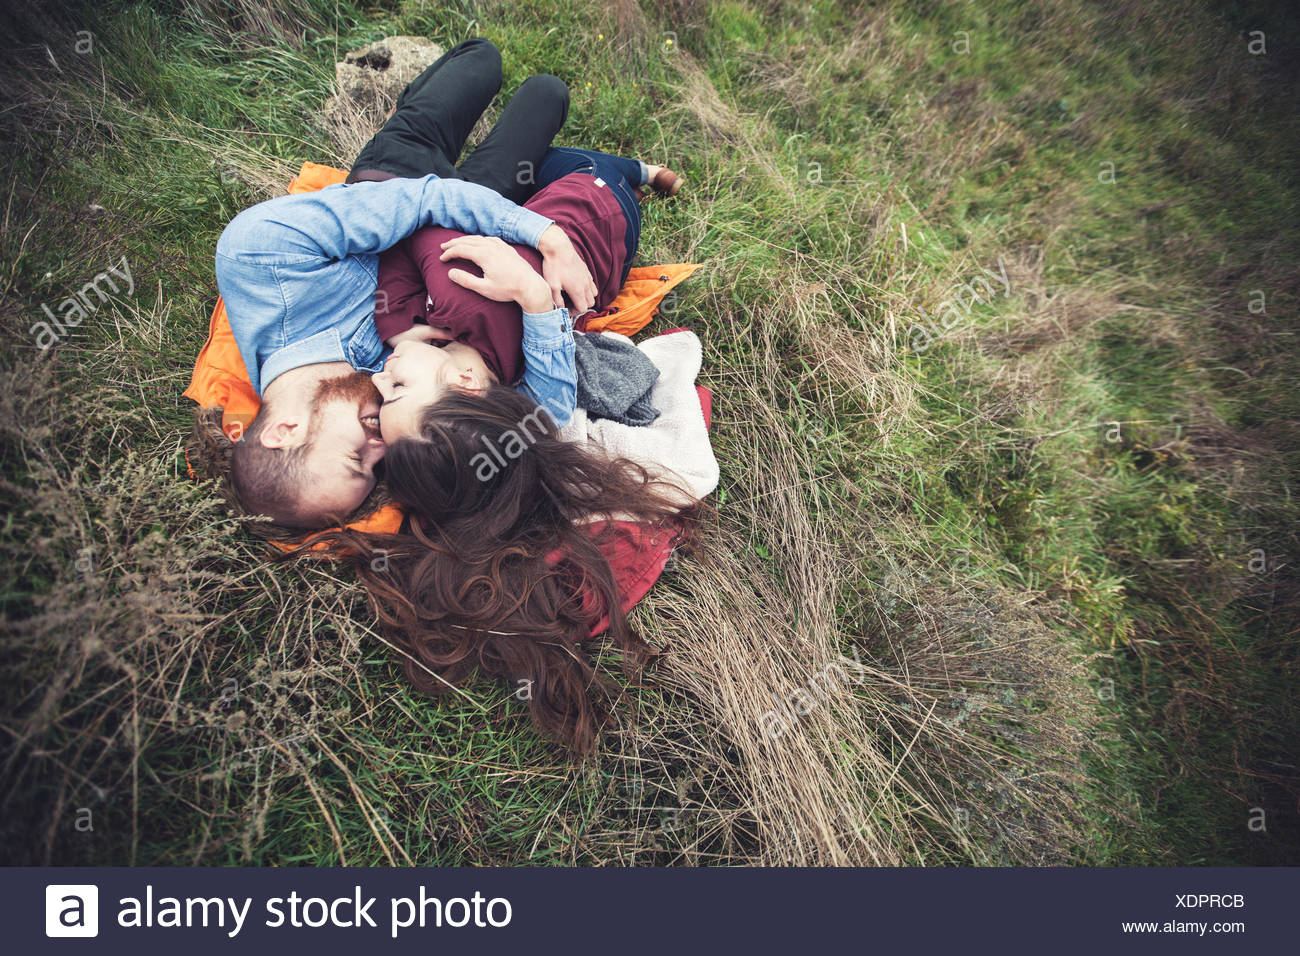 Junges Paar auf dem Rasen liegend und umarmt Stockbild